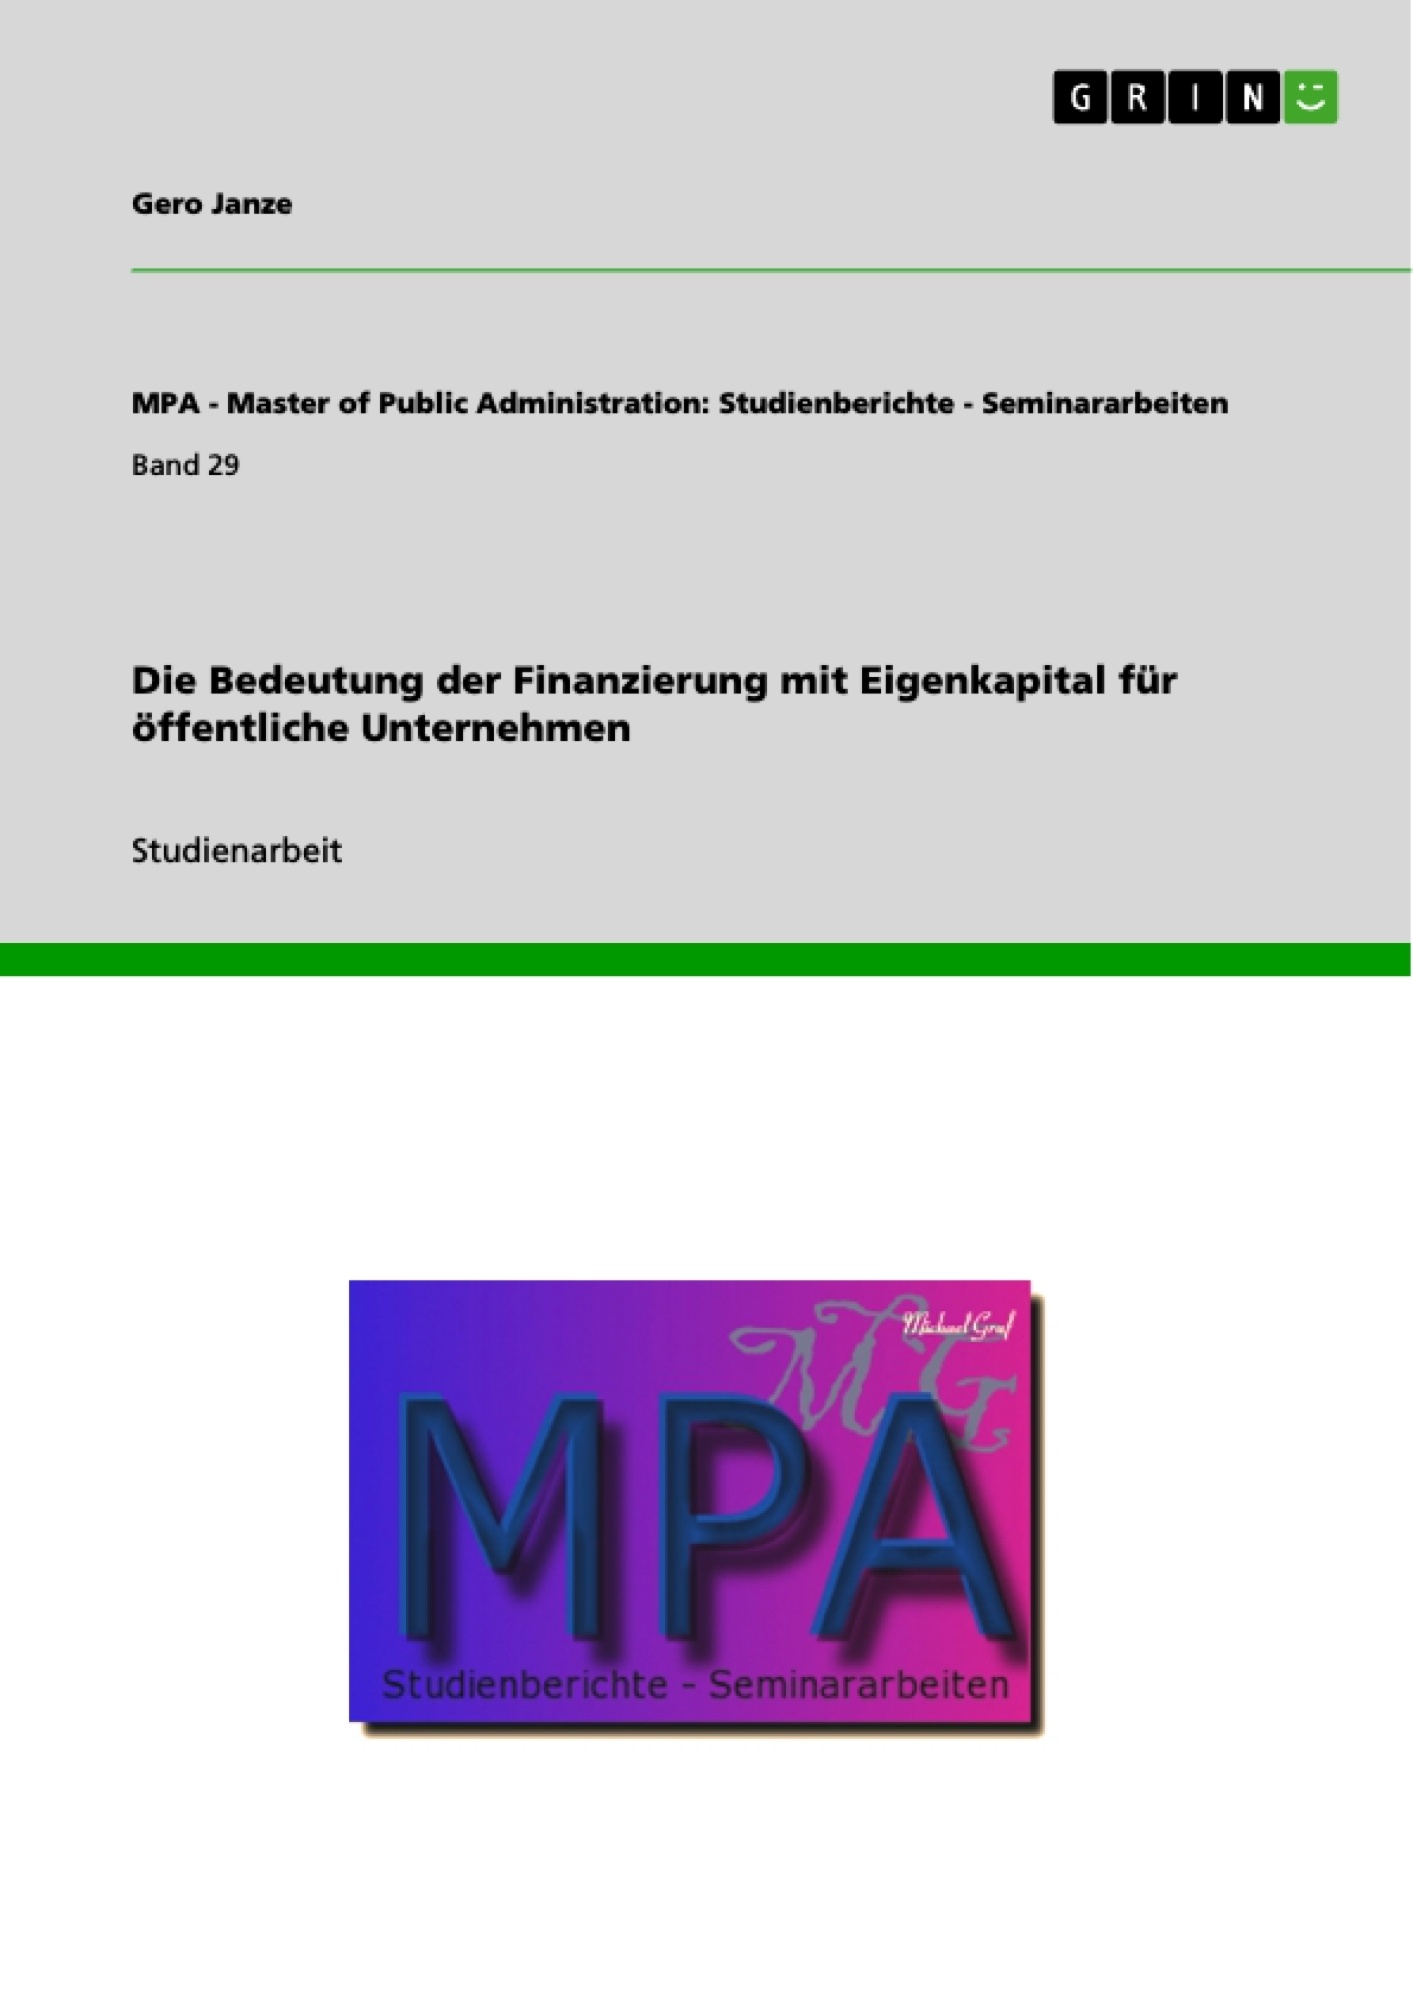 Titel: Die Bedeutung der Finanzierung mit Eigenkapital für öffentliche Unternehmen